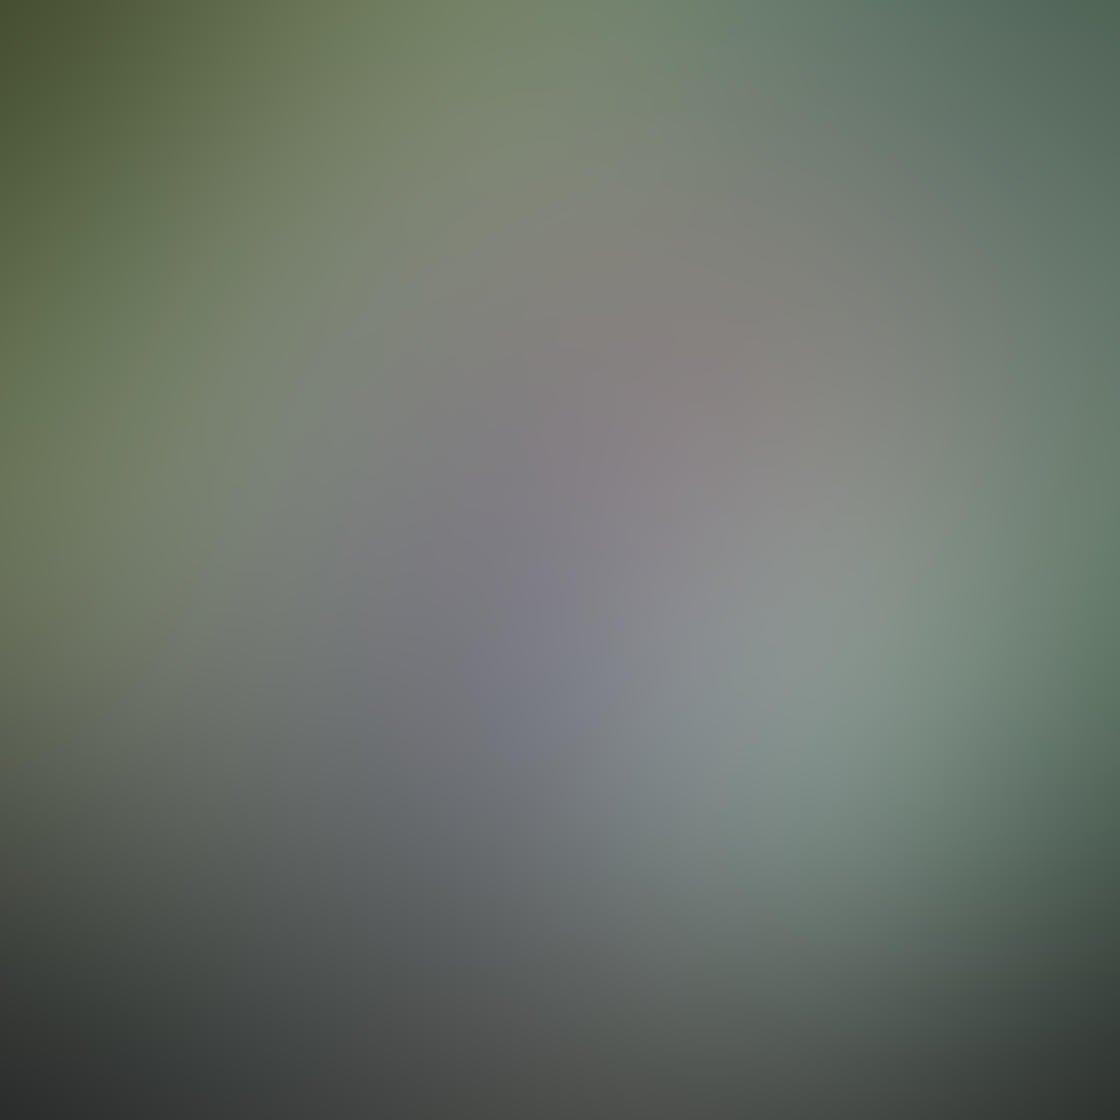 Texture iPhone Photos 2016 2